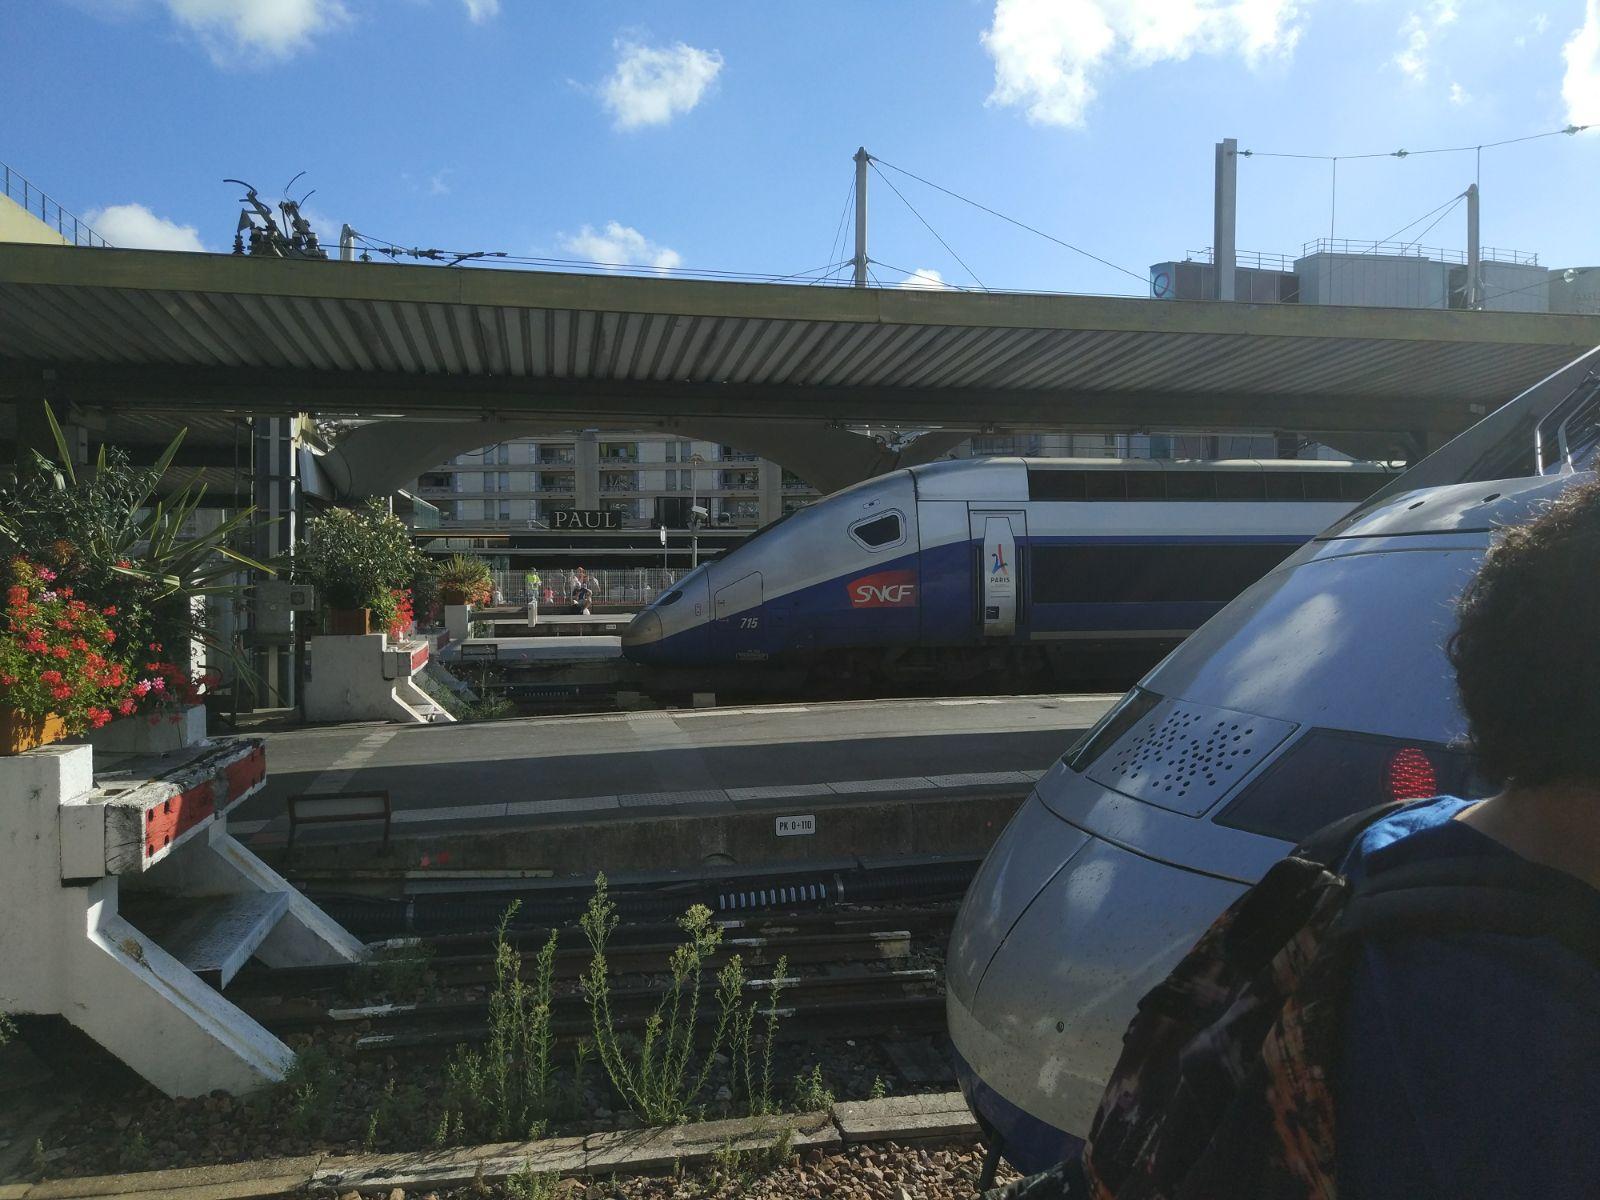 TGV profil /  Foto: Petar Tomorad-Rudec